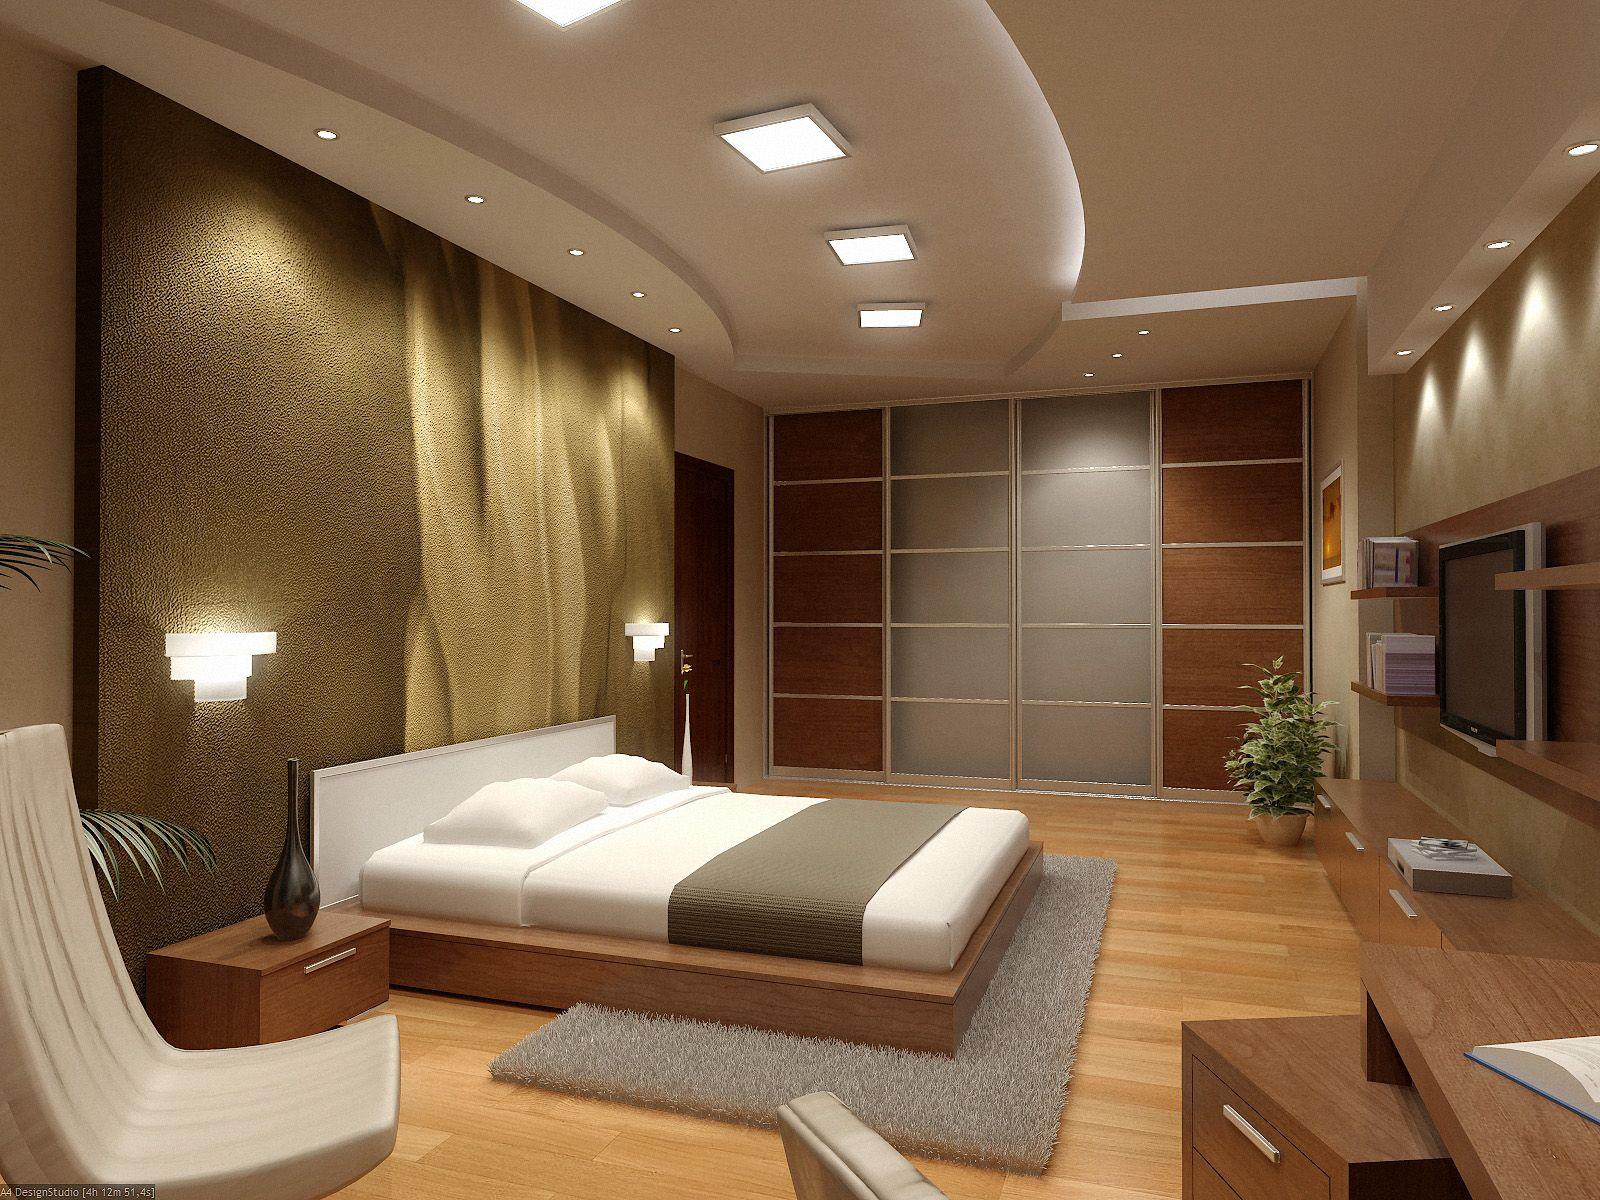 Interior-Design-Ideas-For-Apartments